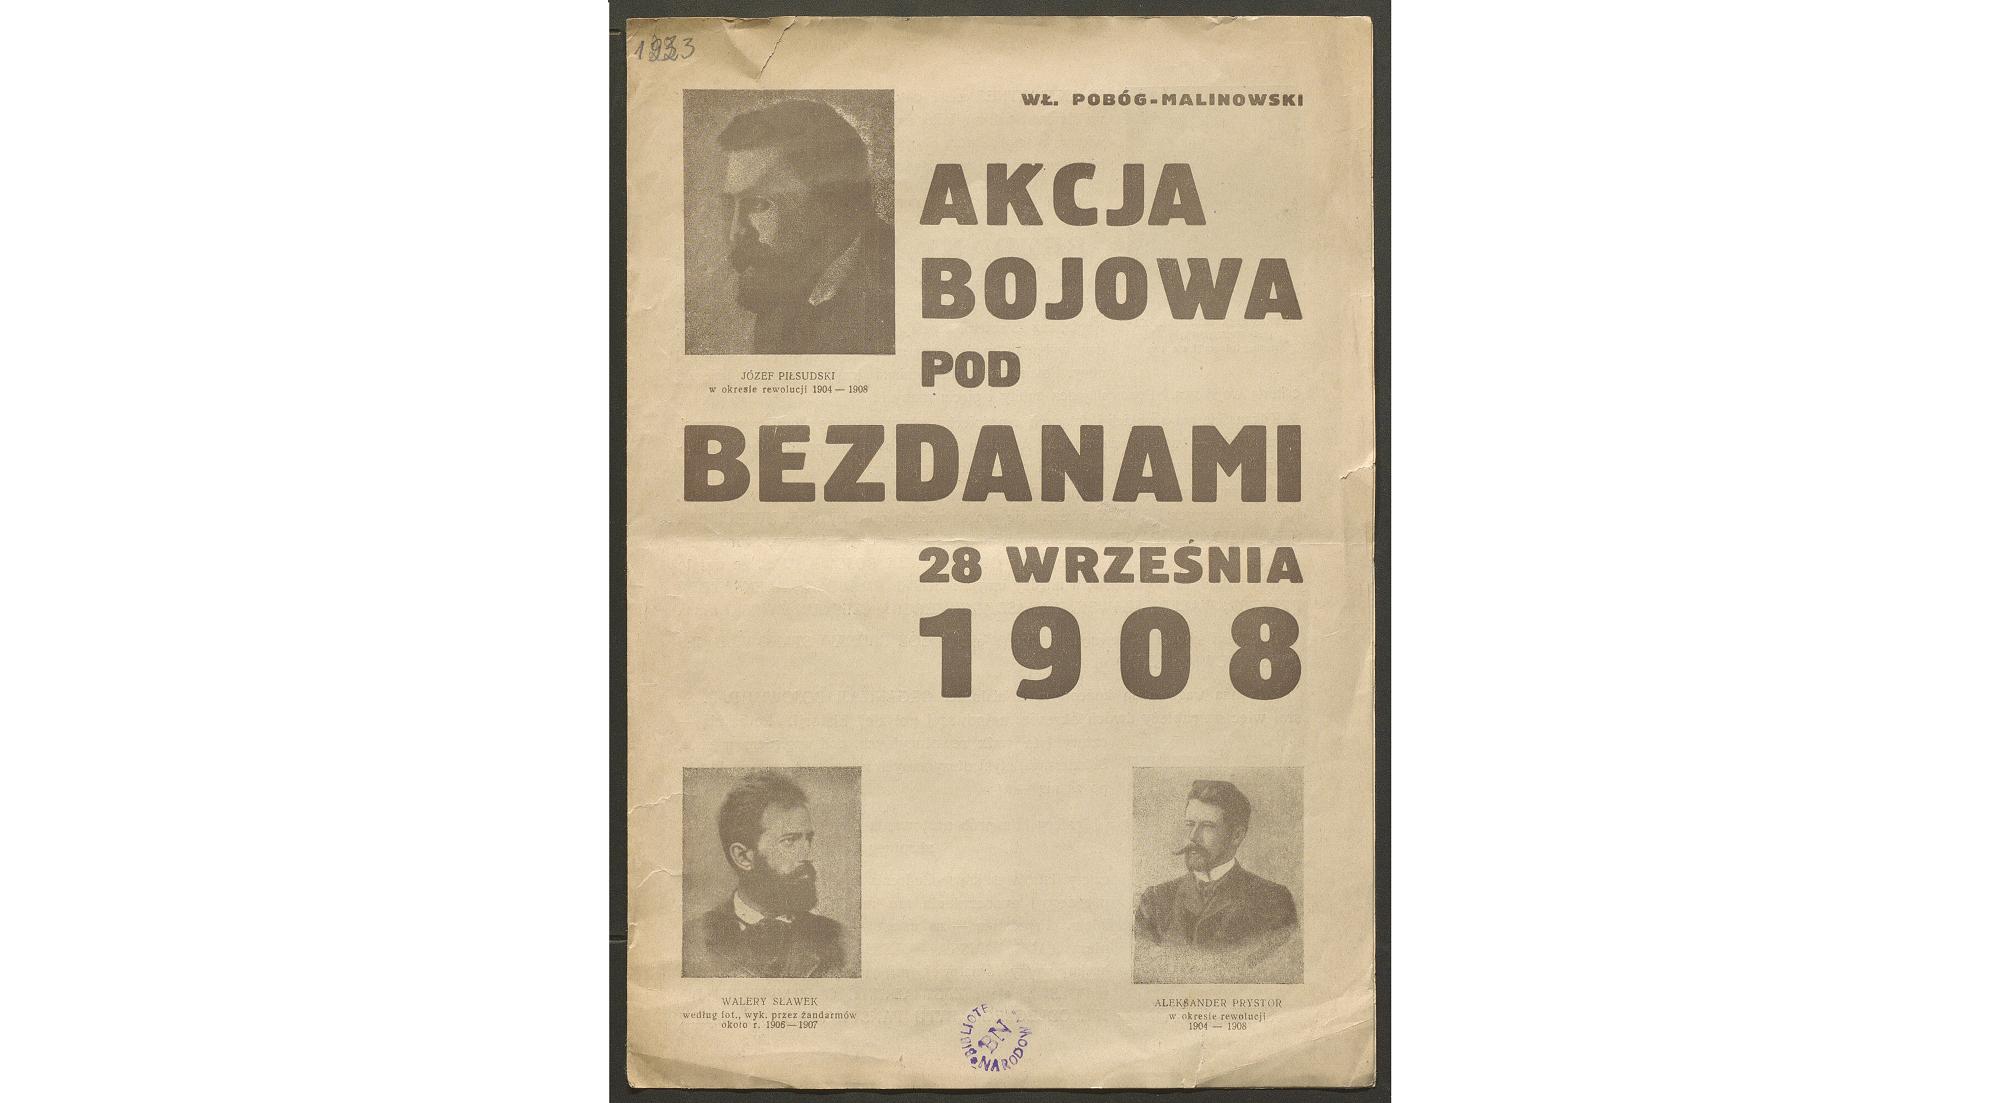 """okładka wydawnictwa """"Akcja bojowa pod Bezdanami"""" autorstwa Pobóg-Malinowskiego"""